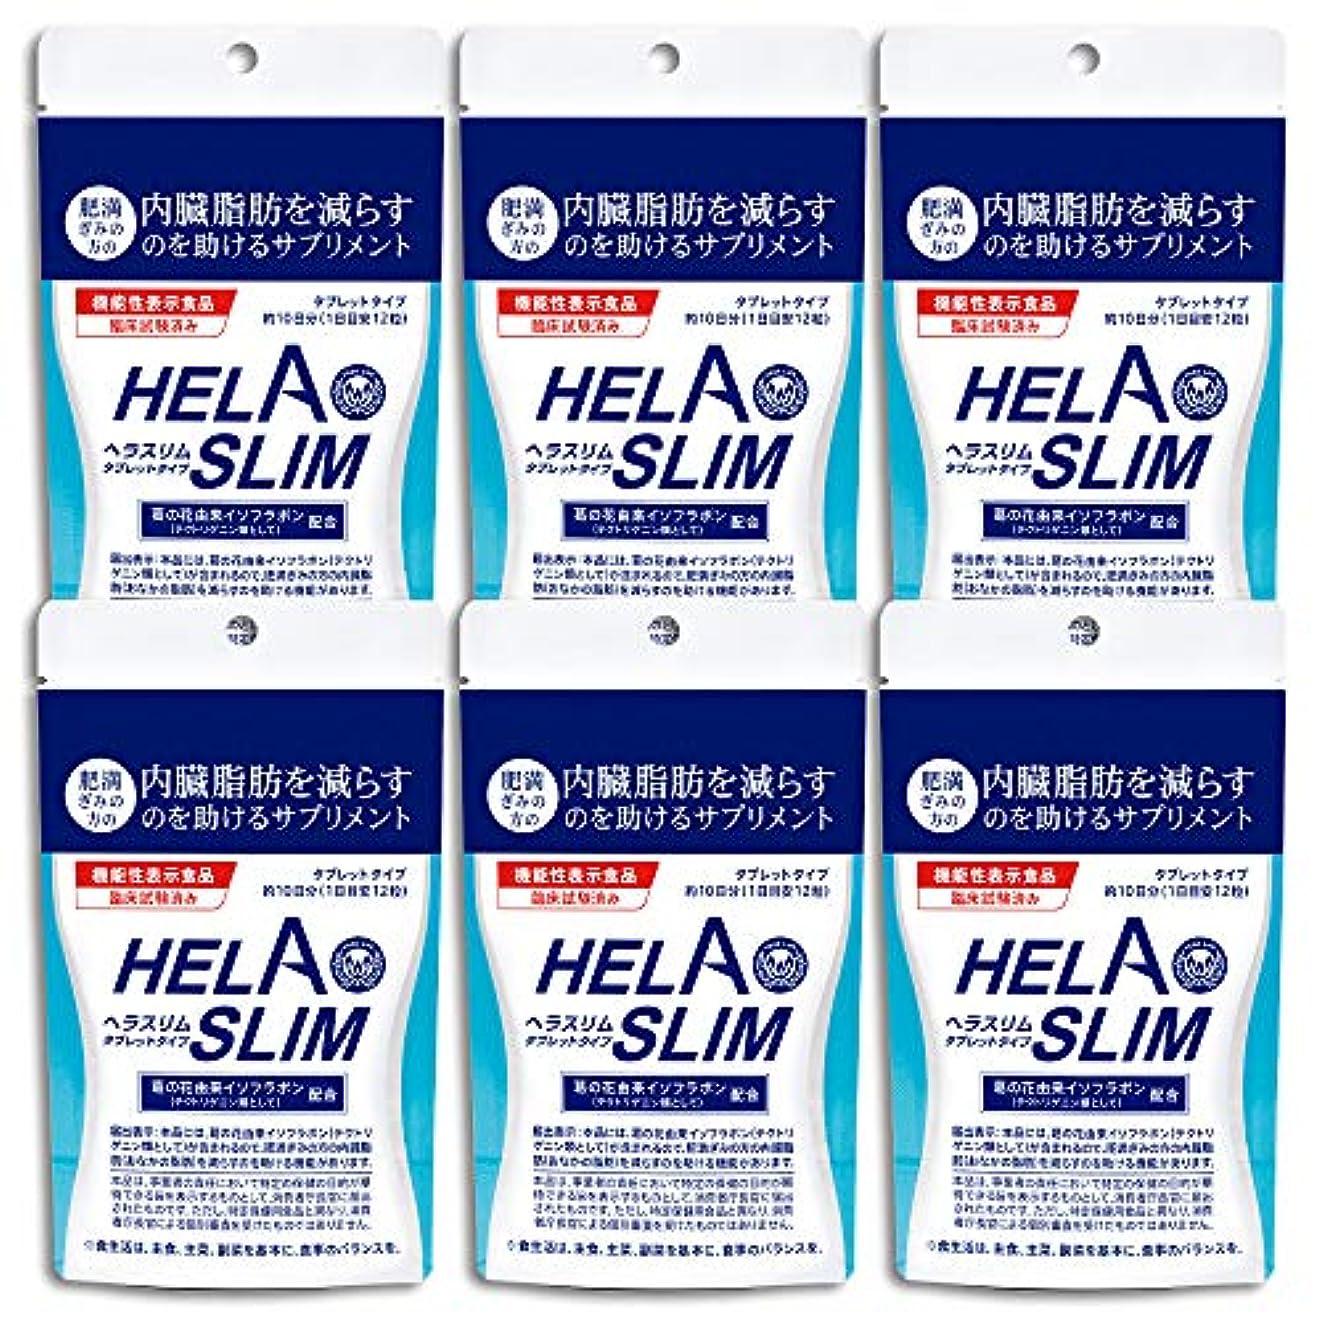 略語従順な理解する【6袋セット】HELASLIM(120粒入り)アルミパック